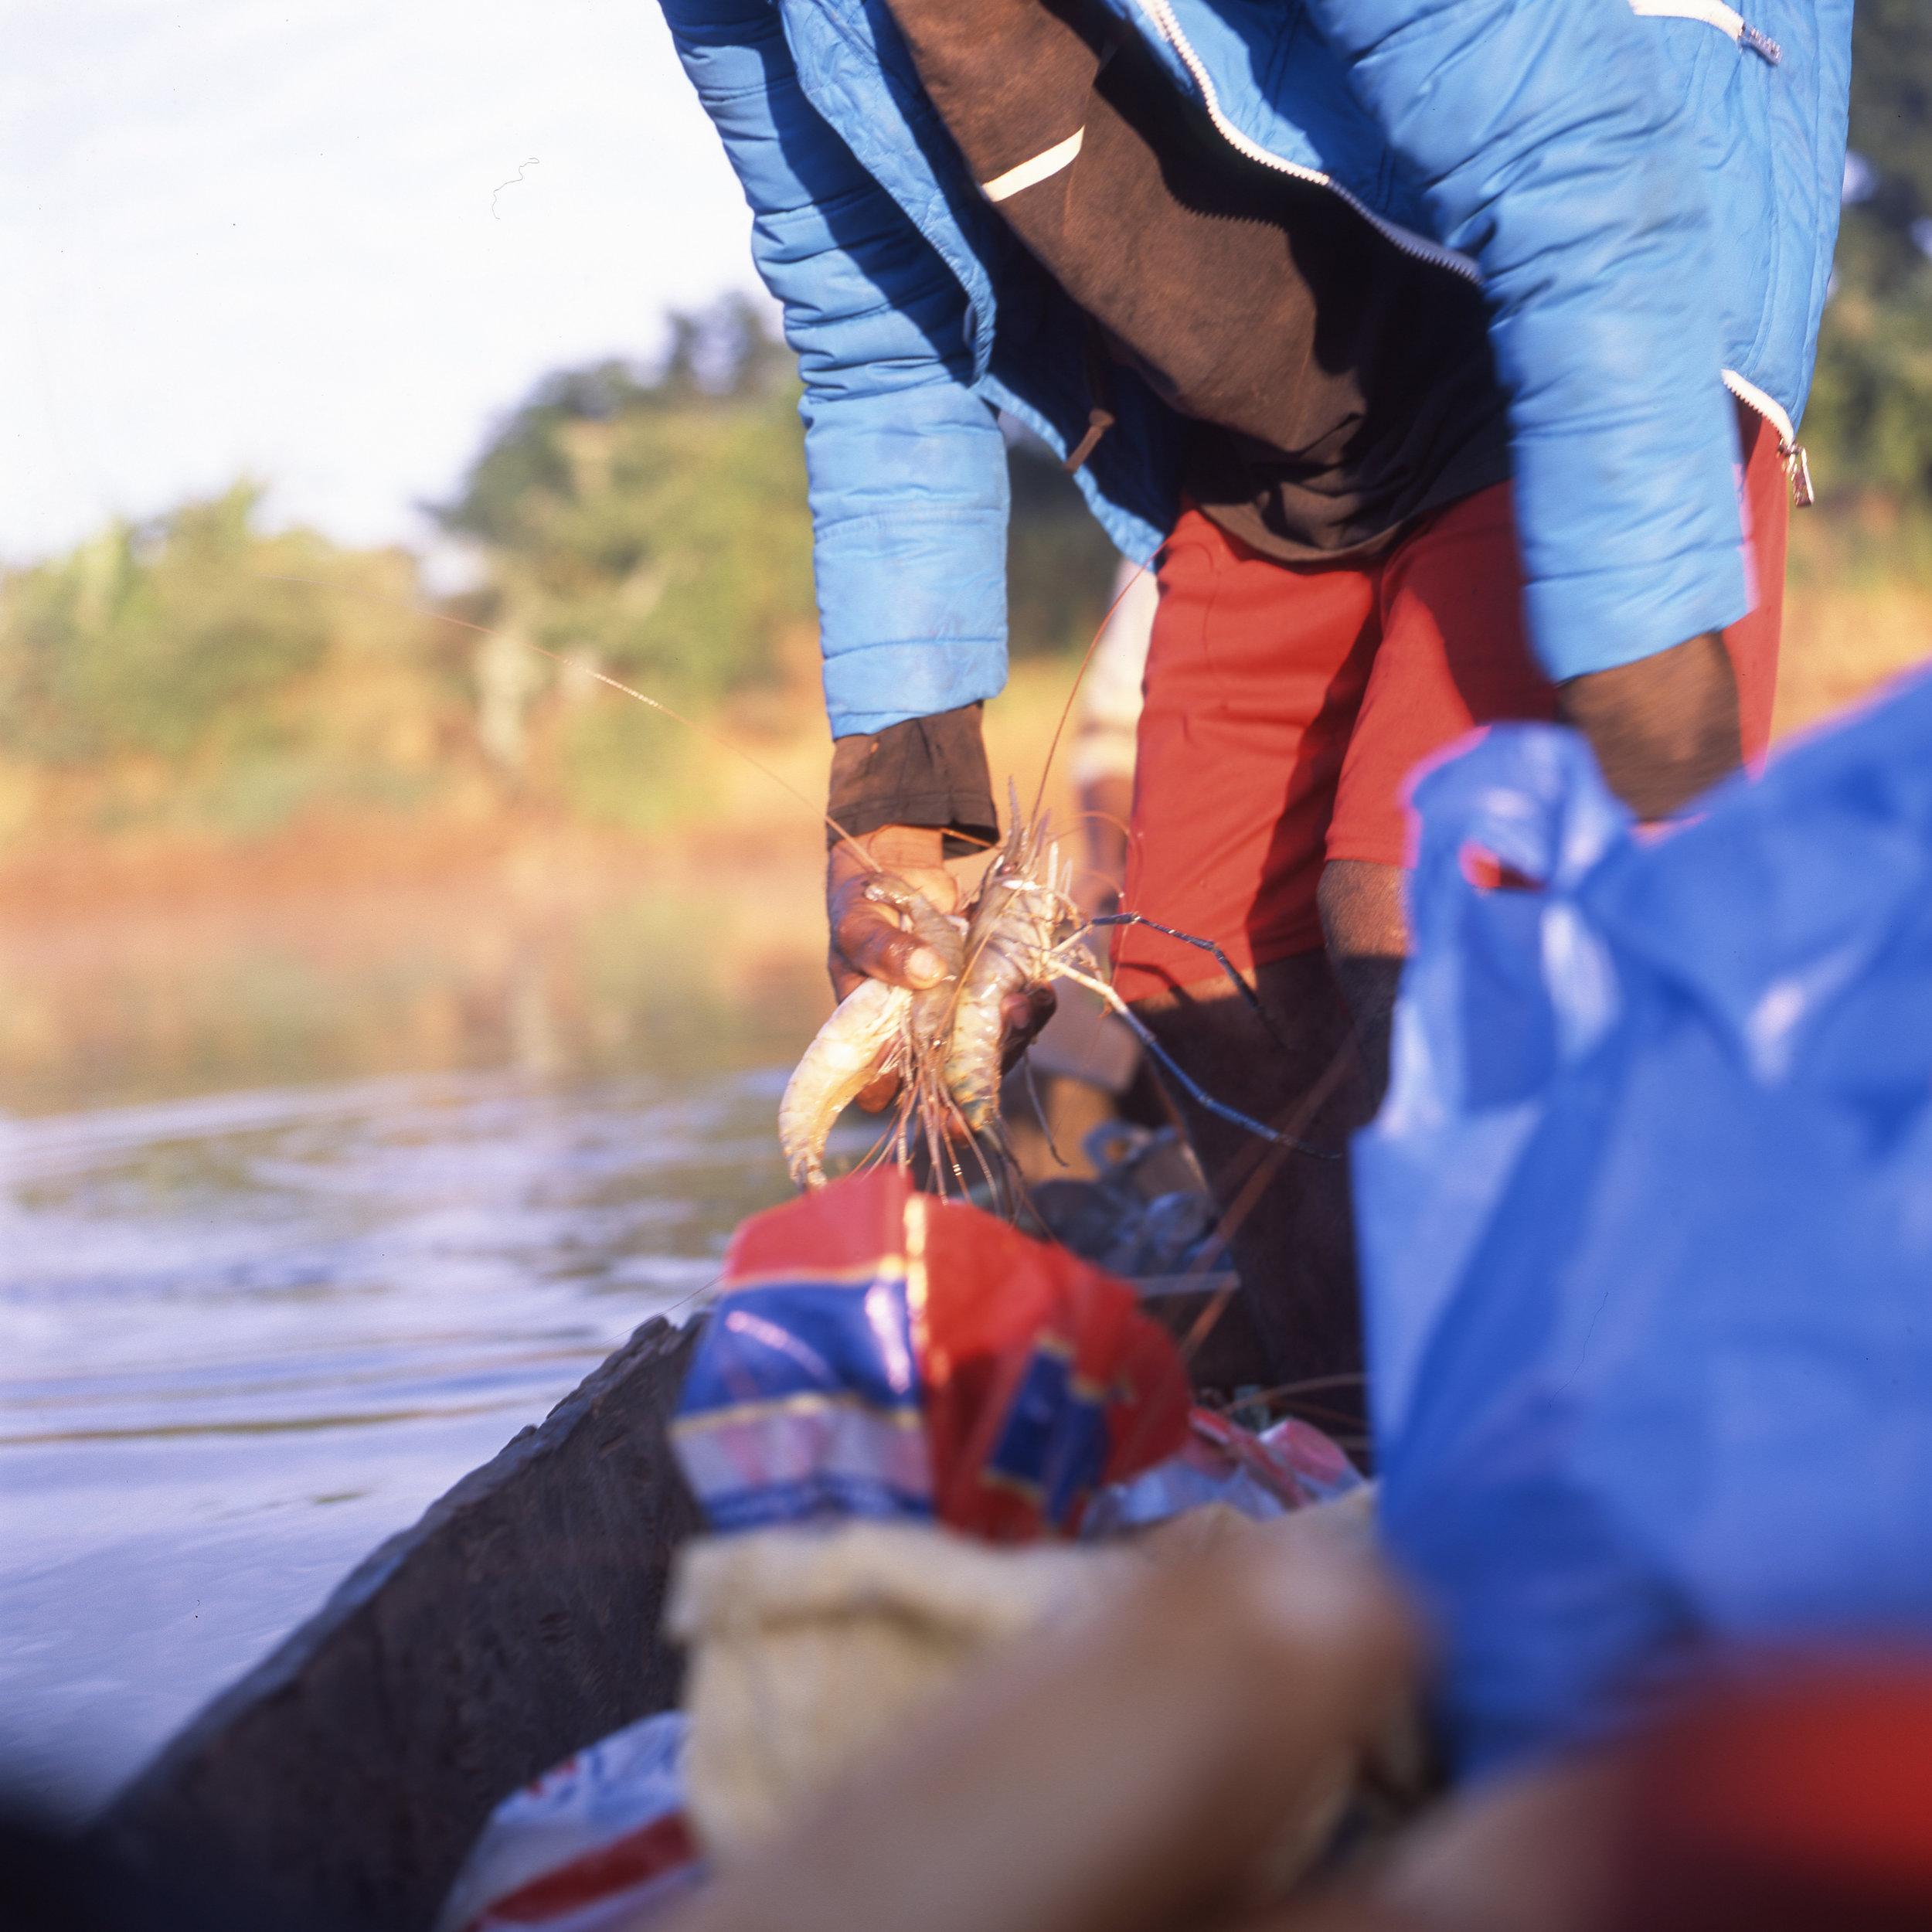 River Prawns Hasselblad 501c | Fuji Provia 100f